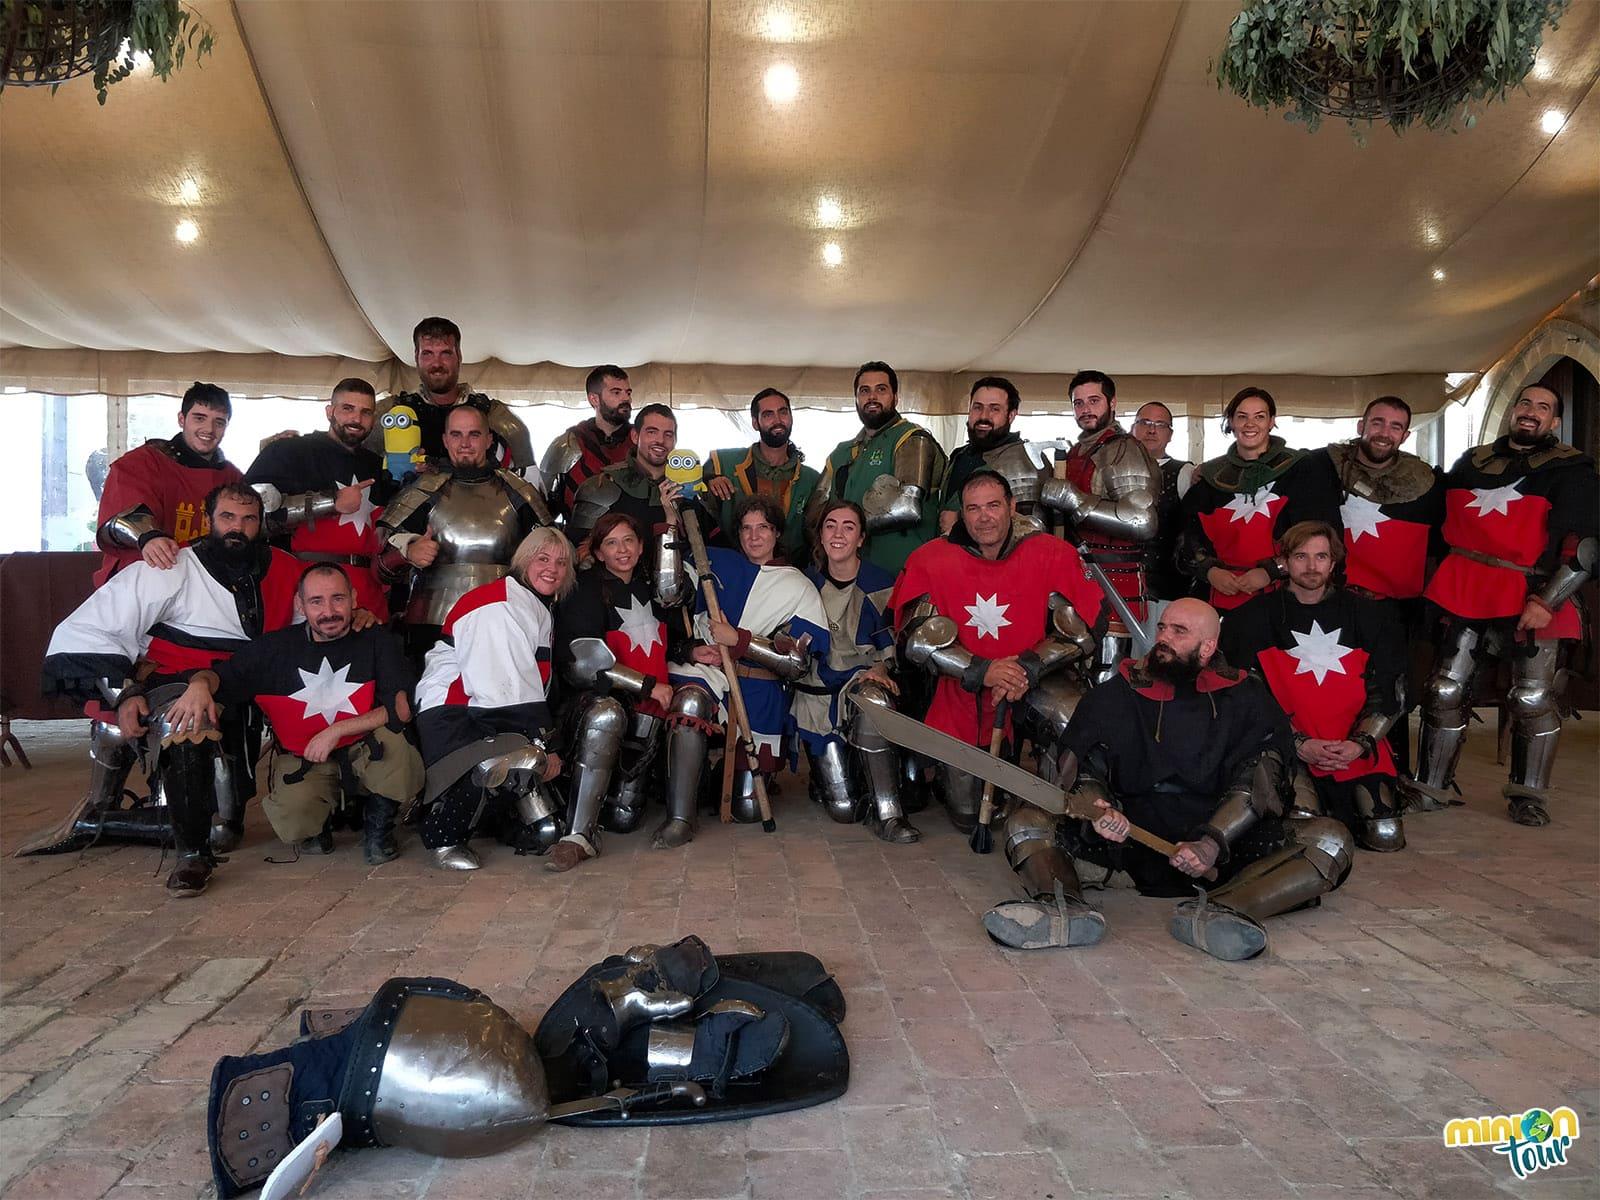 Con todos los luchadores de las Jornadas Medievales del Castillo de Almodóvar del Río